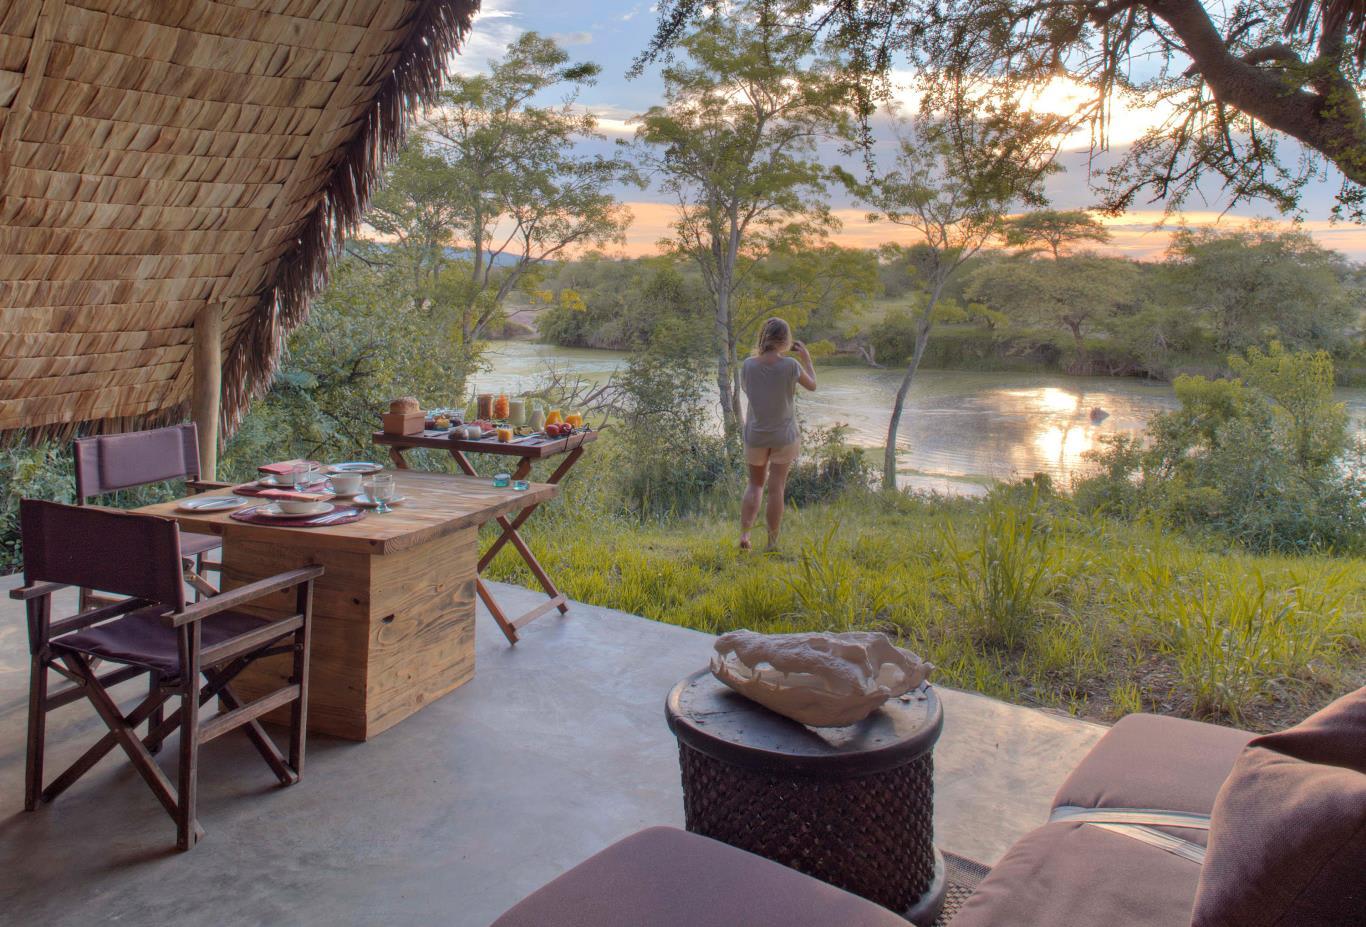 Riverside Private Tent